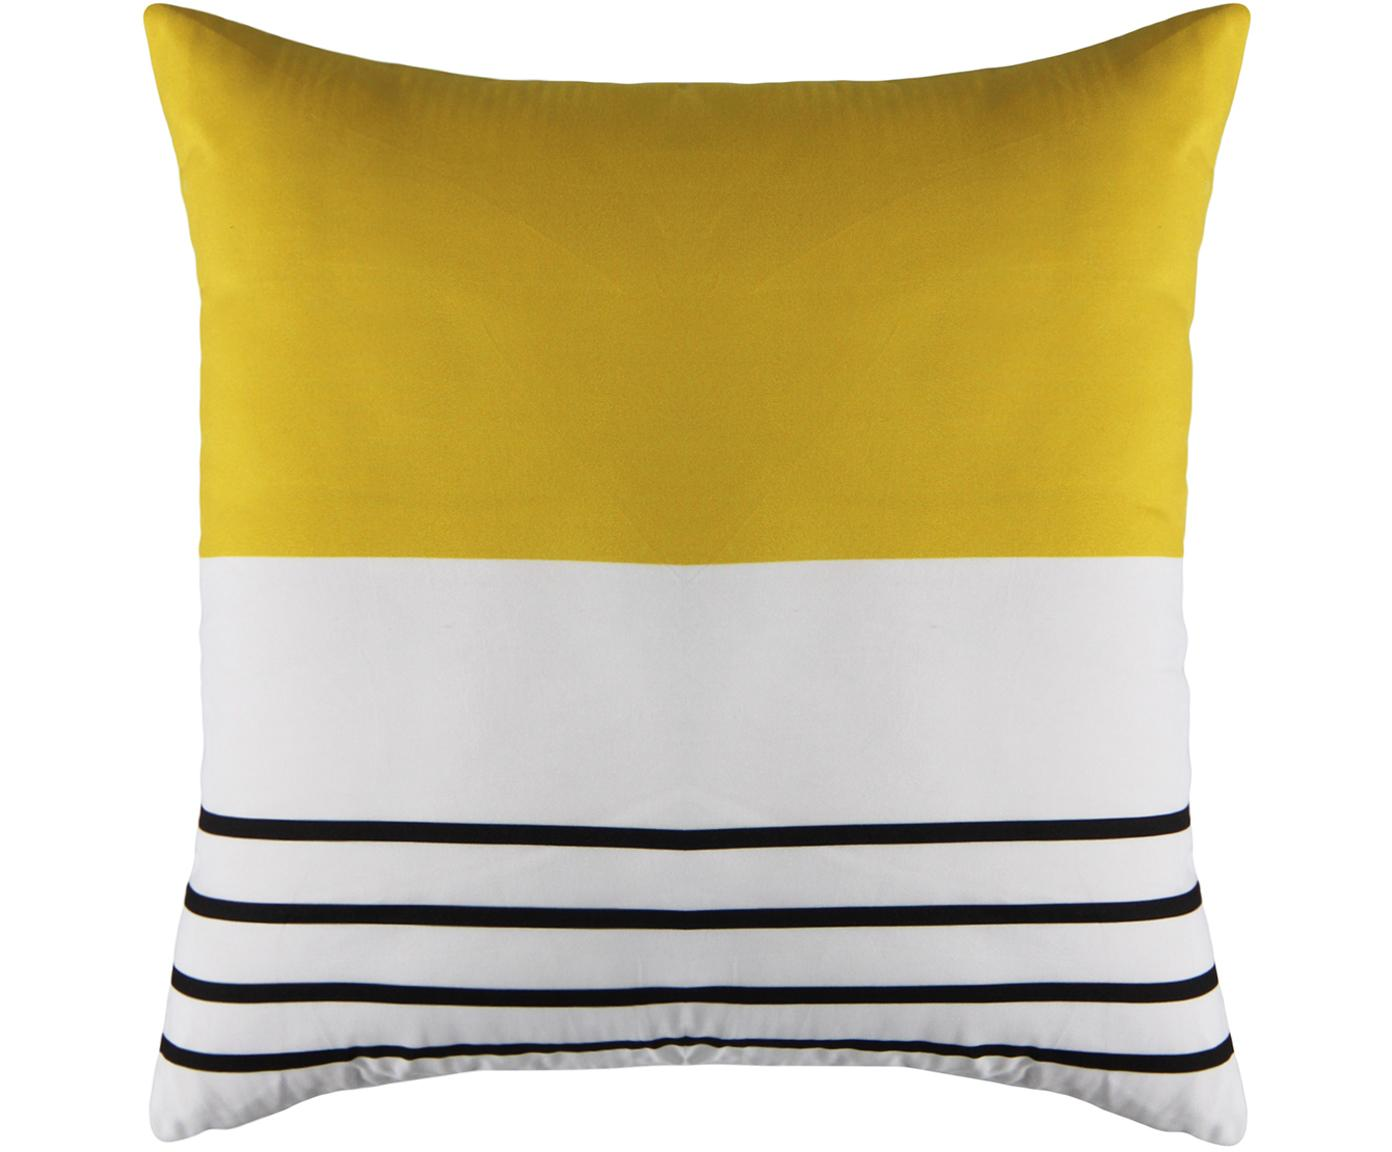 Poszewka na poduszkę Magdalena, Poliester, Biały, żółty, czarny, S 40 x D 40 cm